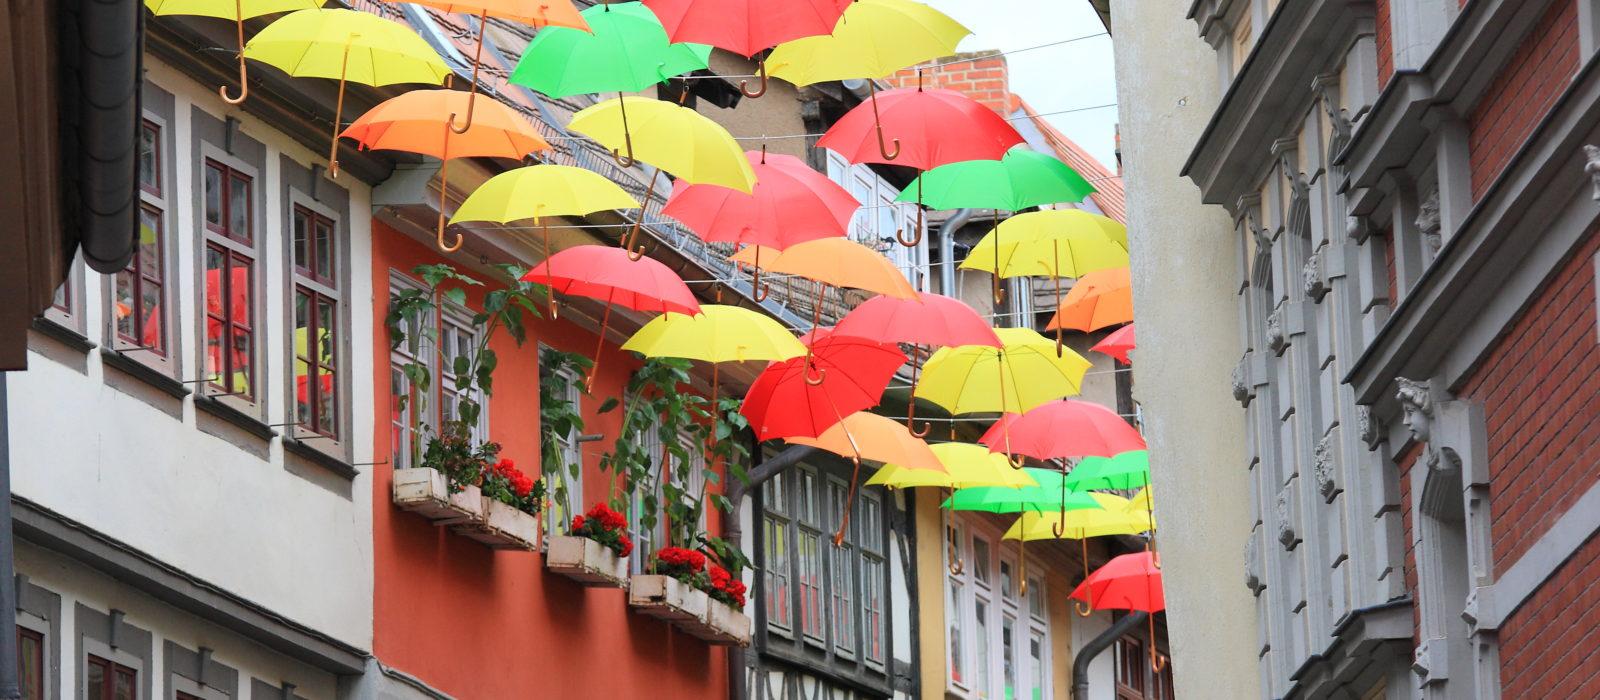 Die Krämerbrücke in Erfurt, bunte, aufgepannte Regenschirme zwischen Häuserfassaden